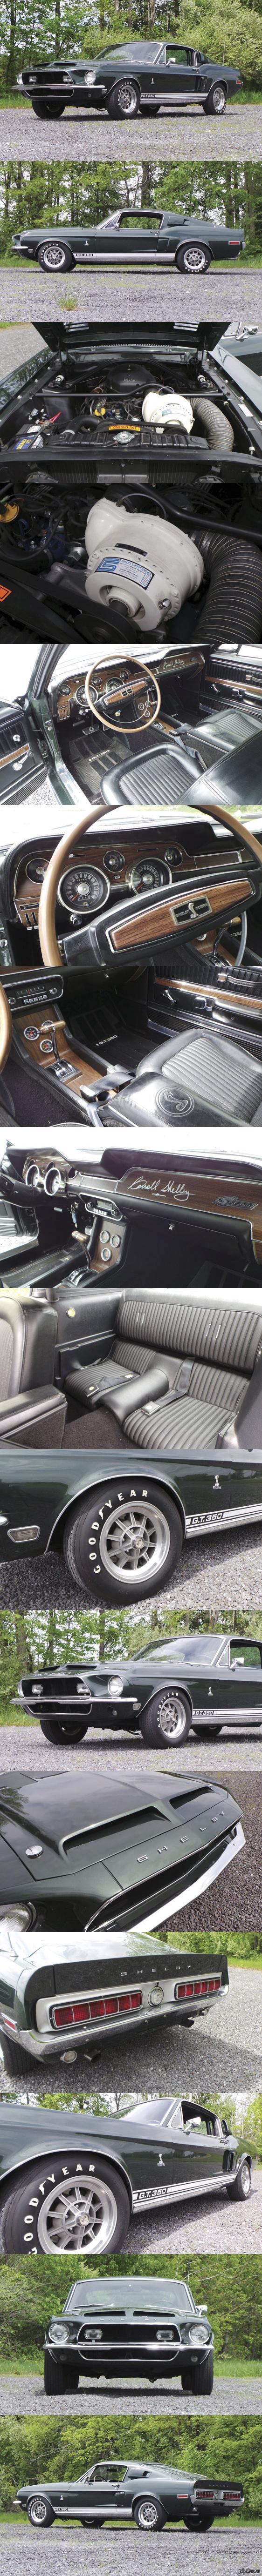 О нет! Это Кобра! 1968 Shelby GT 350 Fastback